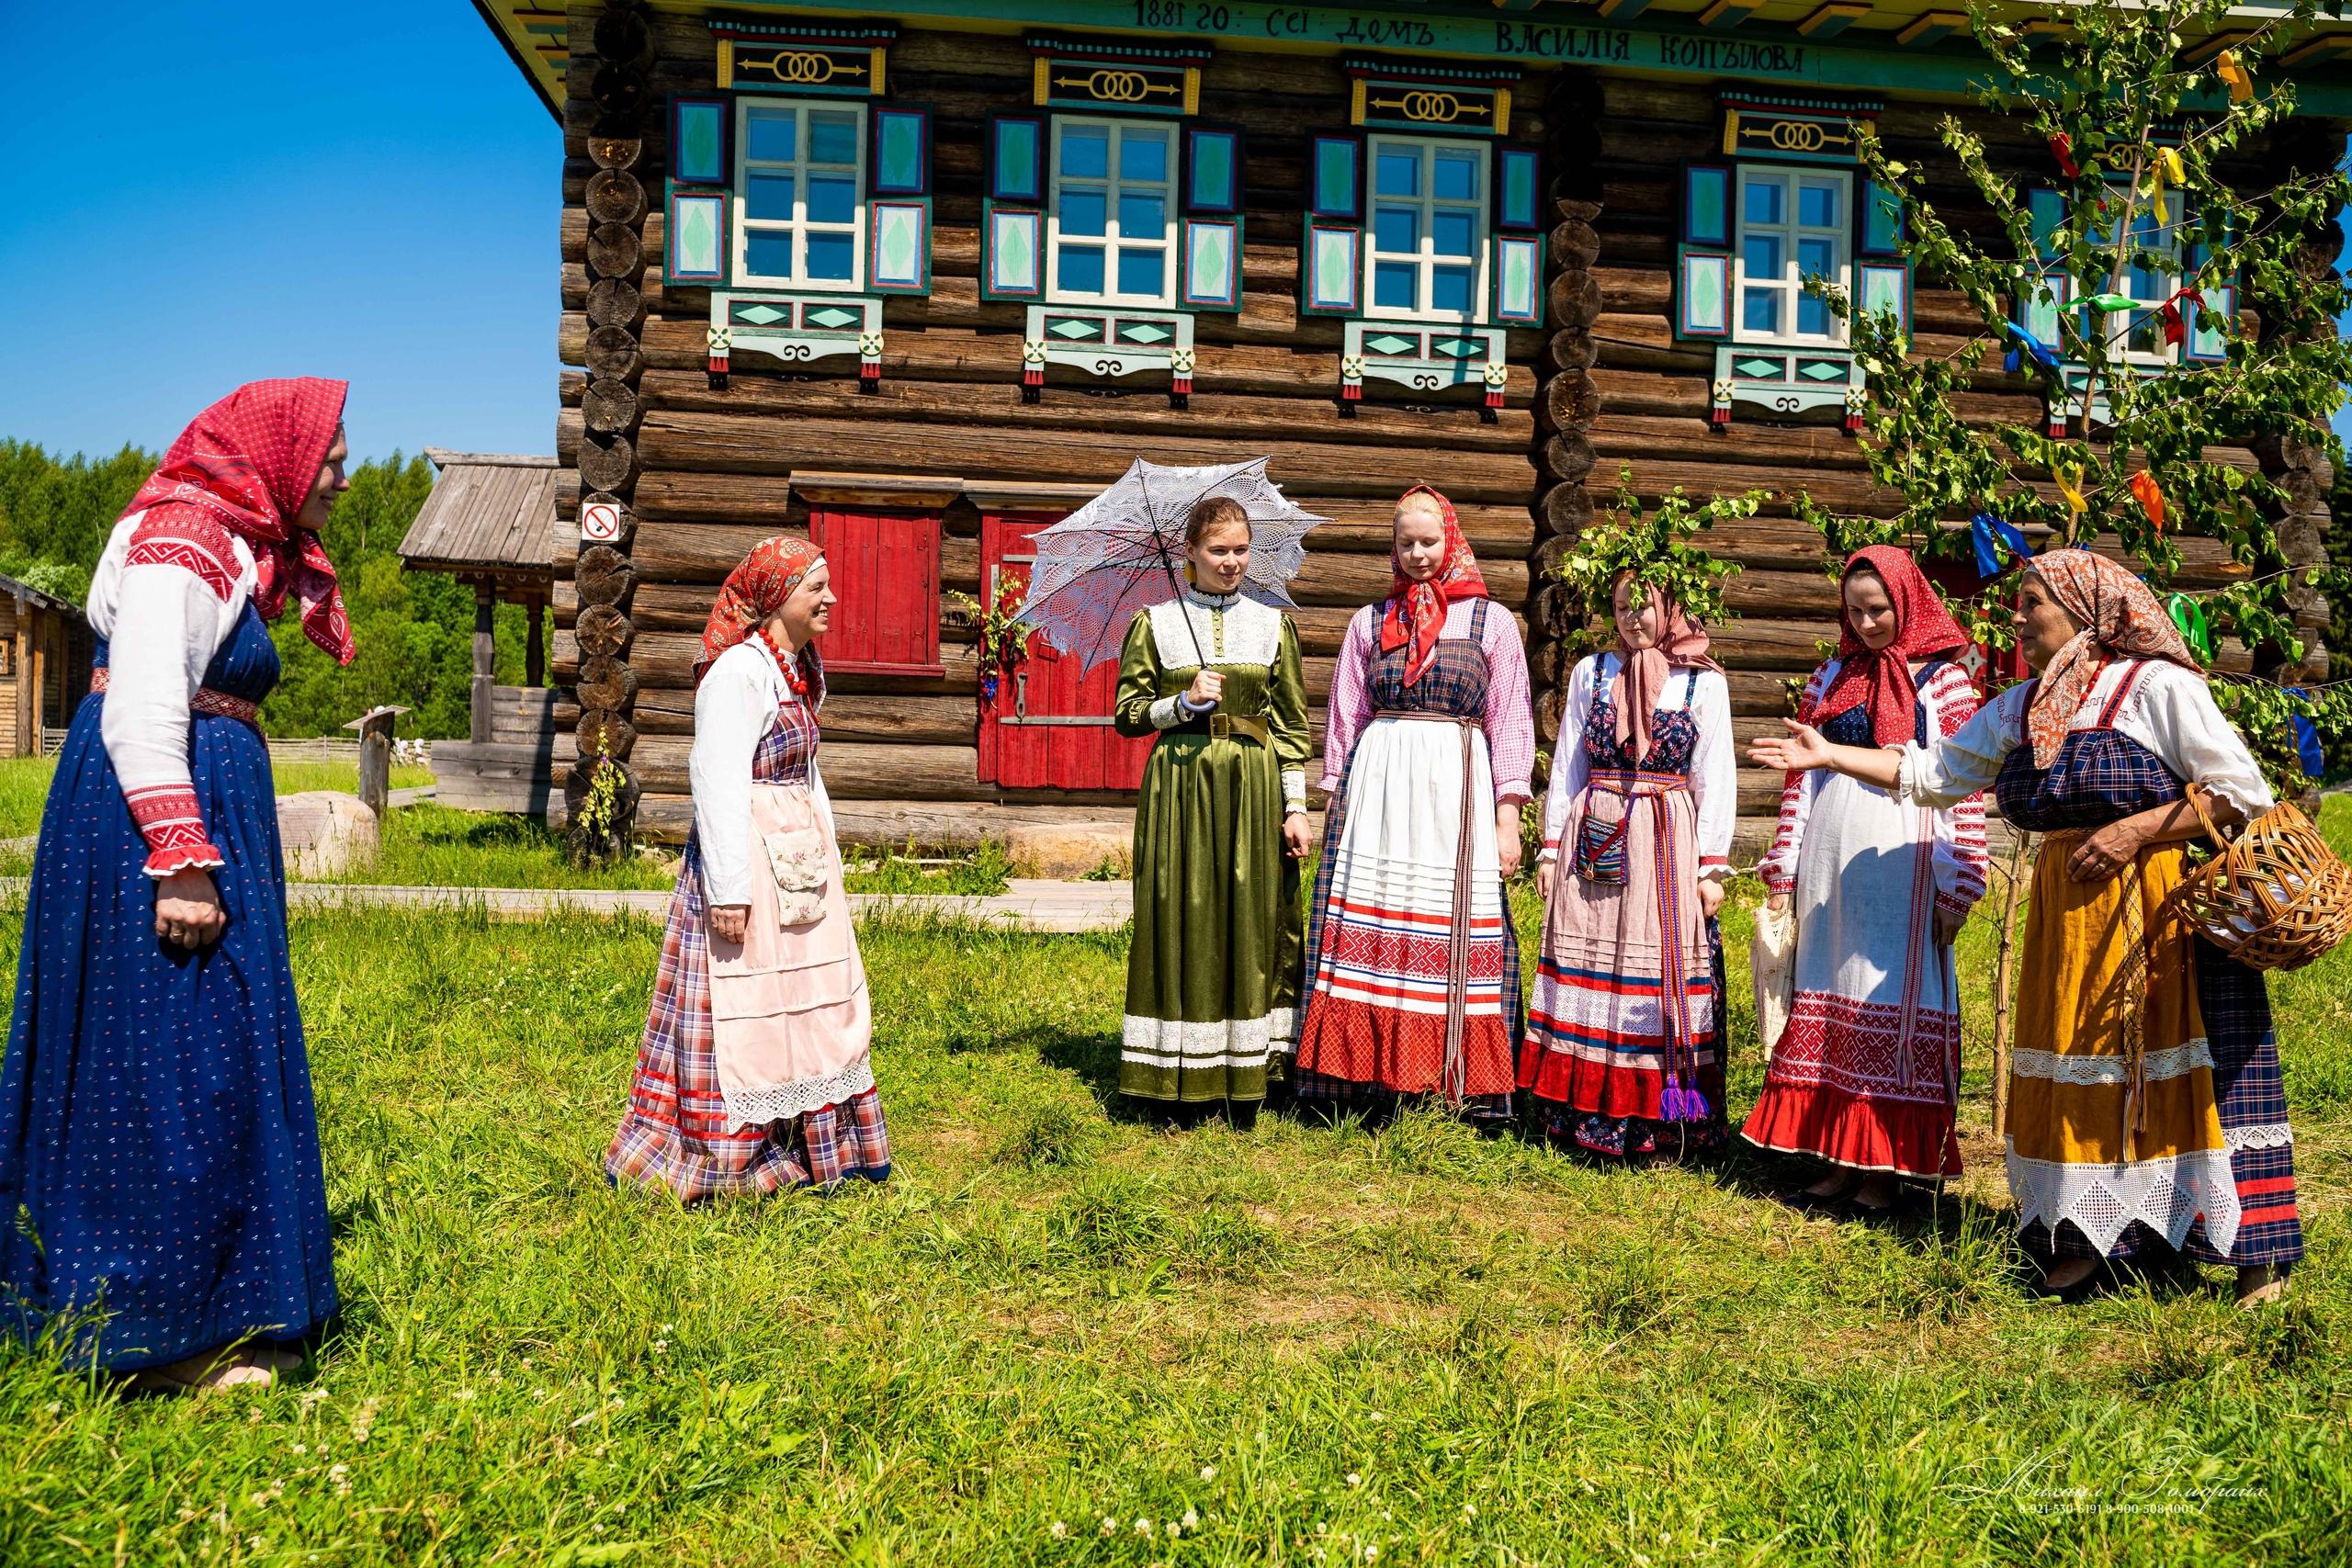 Этнографическая программа «Троицкое гулянье» прошла в «Семенкове» в конце июня.